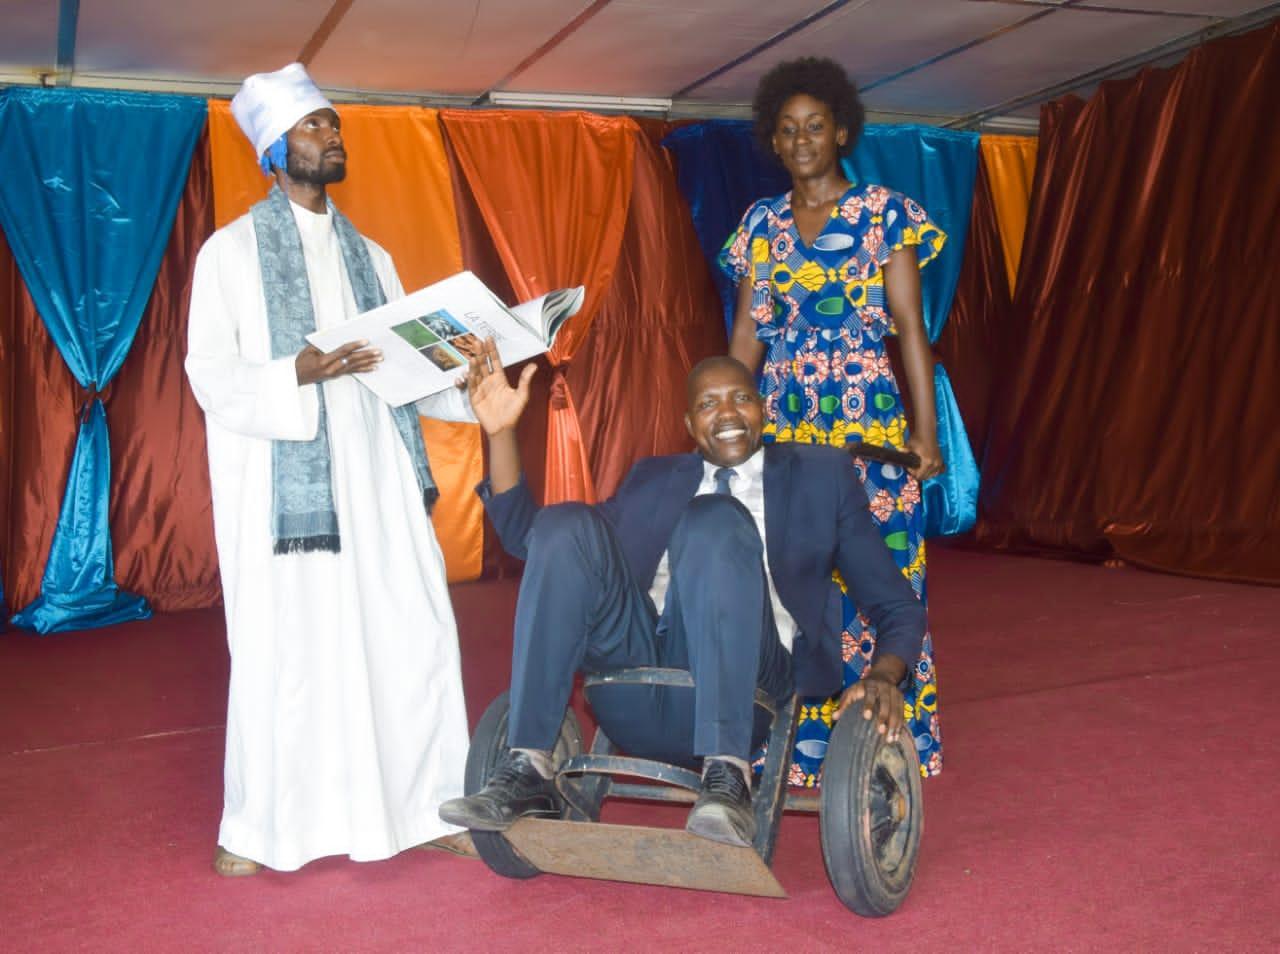 Arts de la scène : la compagnie Autopsie théâtre va représenter le Congo au Burkina Faso